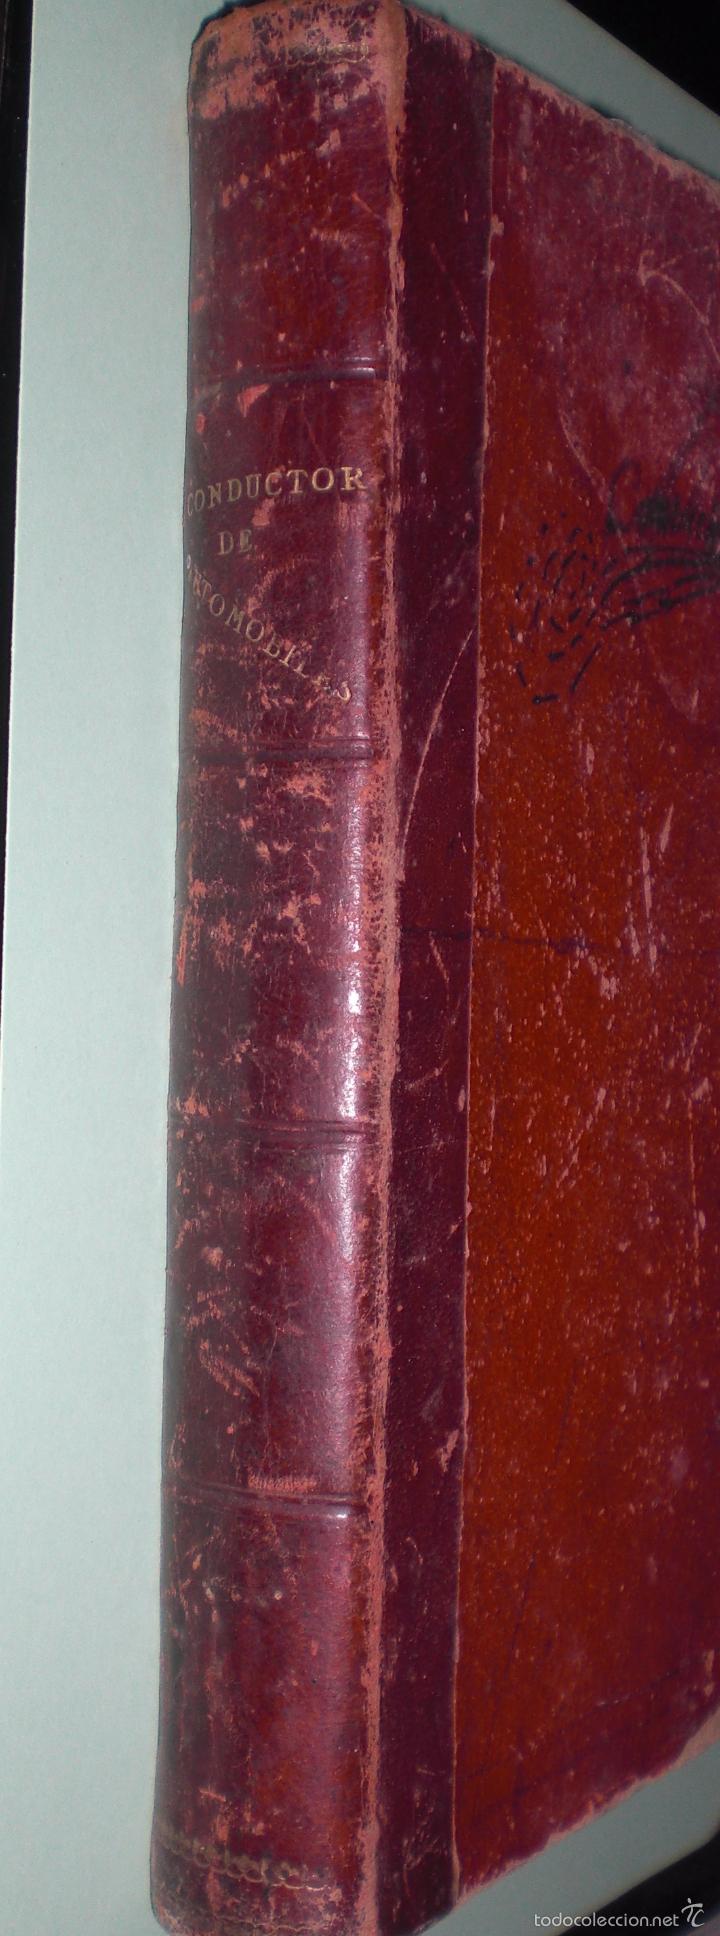 Libros antiguos: Magnifico y raro manual del conductor de Automoviles 1920 - Foto 15 - 60874179